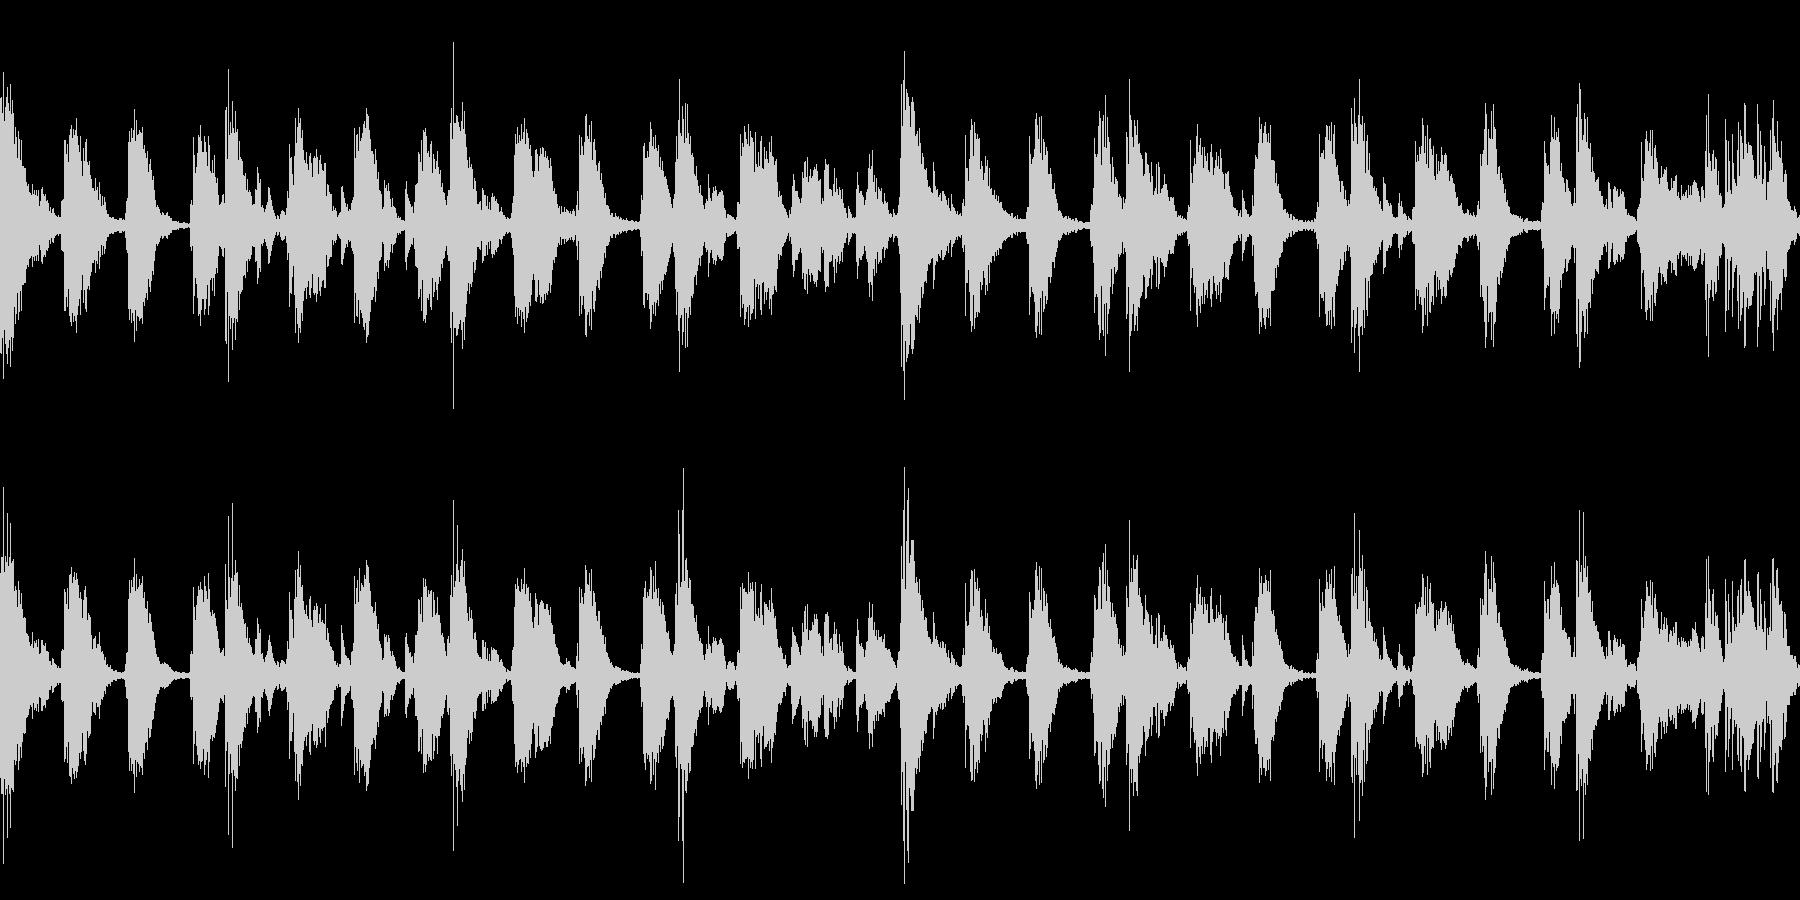 リズムに乗れると楽しいアンビエント曲 の未再生の波形